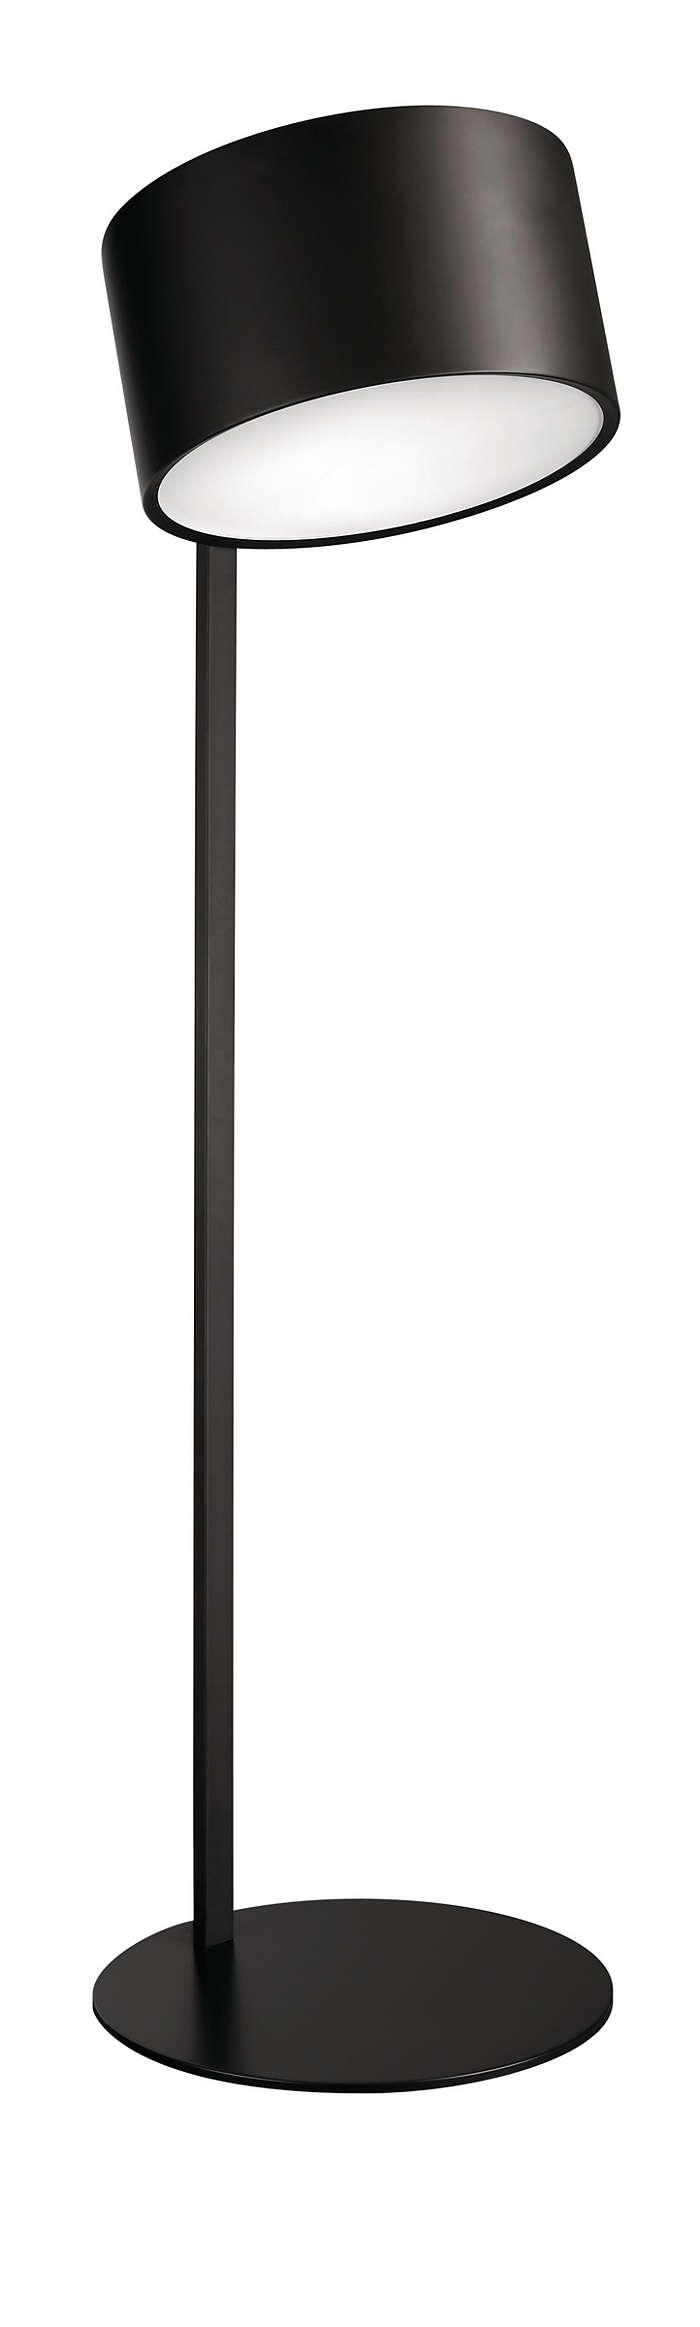 Hoe evenwichtig kan design zijn?